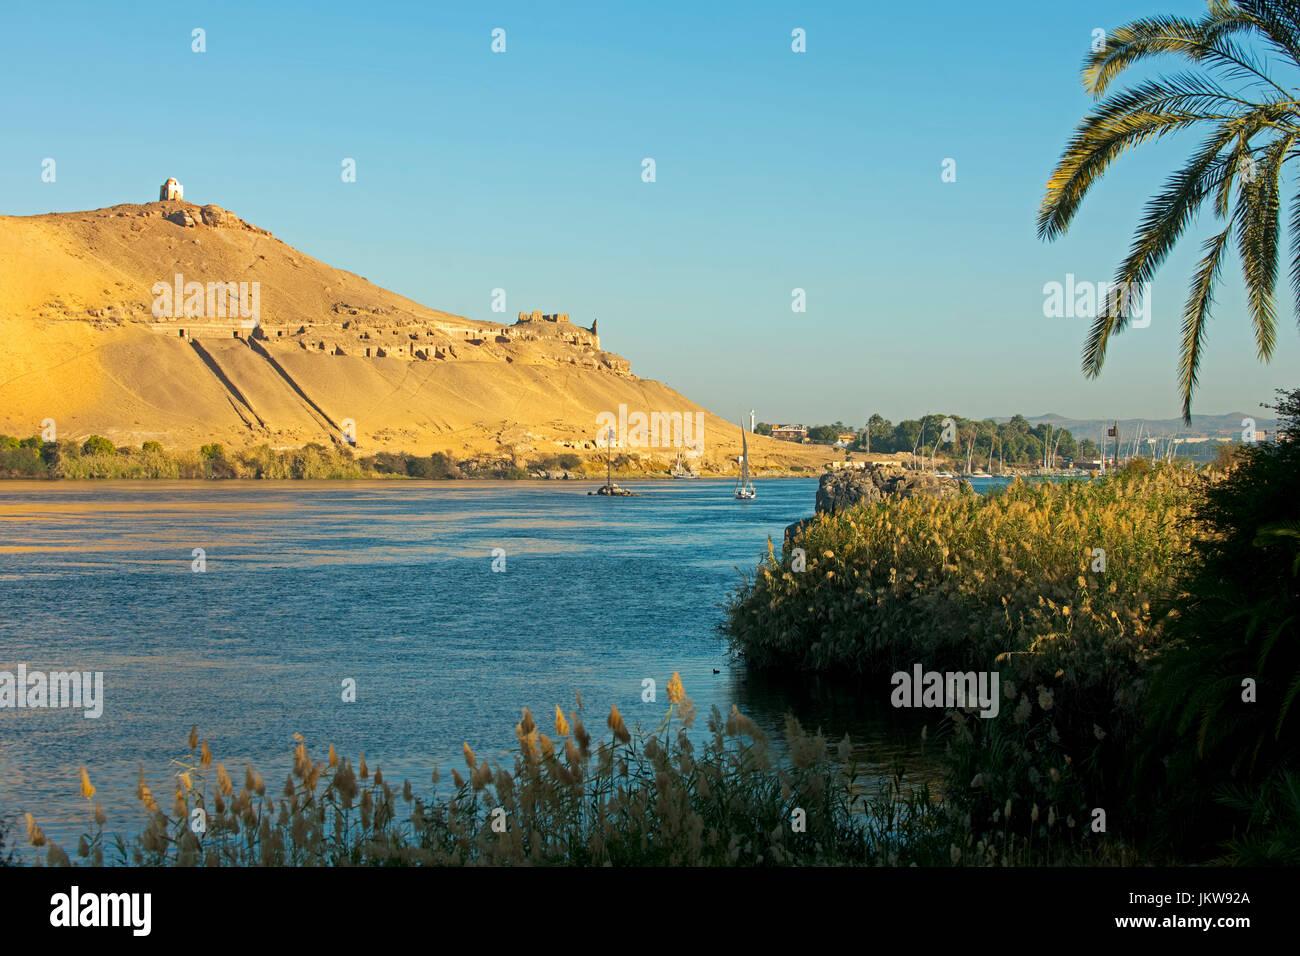 El Ali Stock Photos & El Ali Stock Images - Alamy